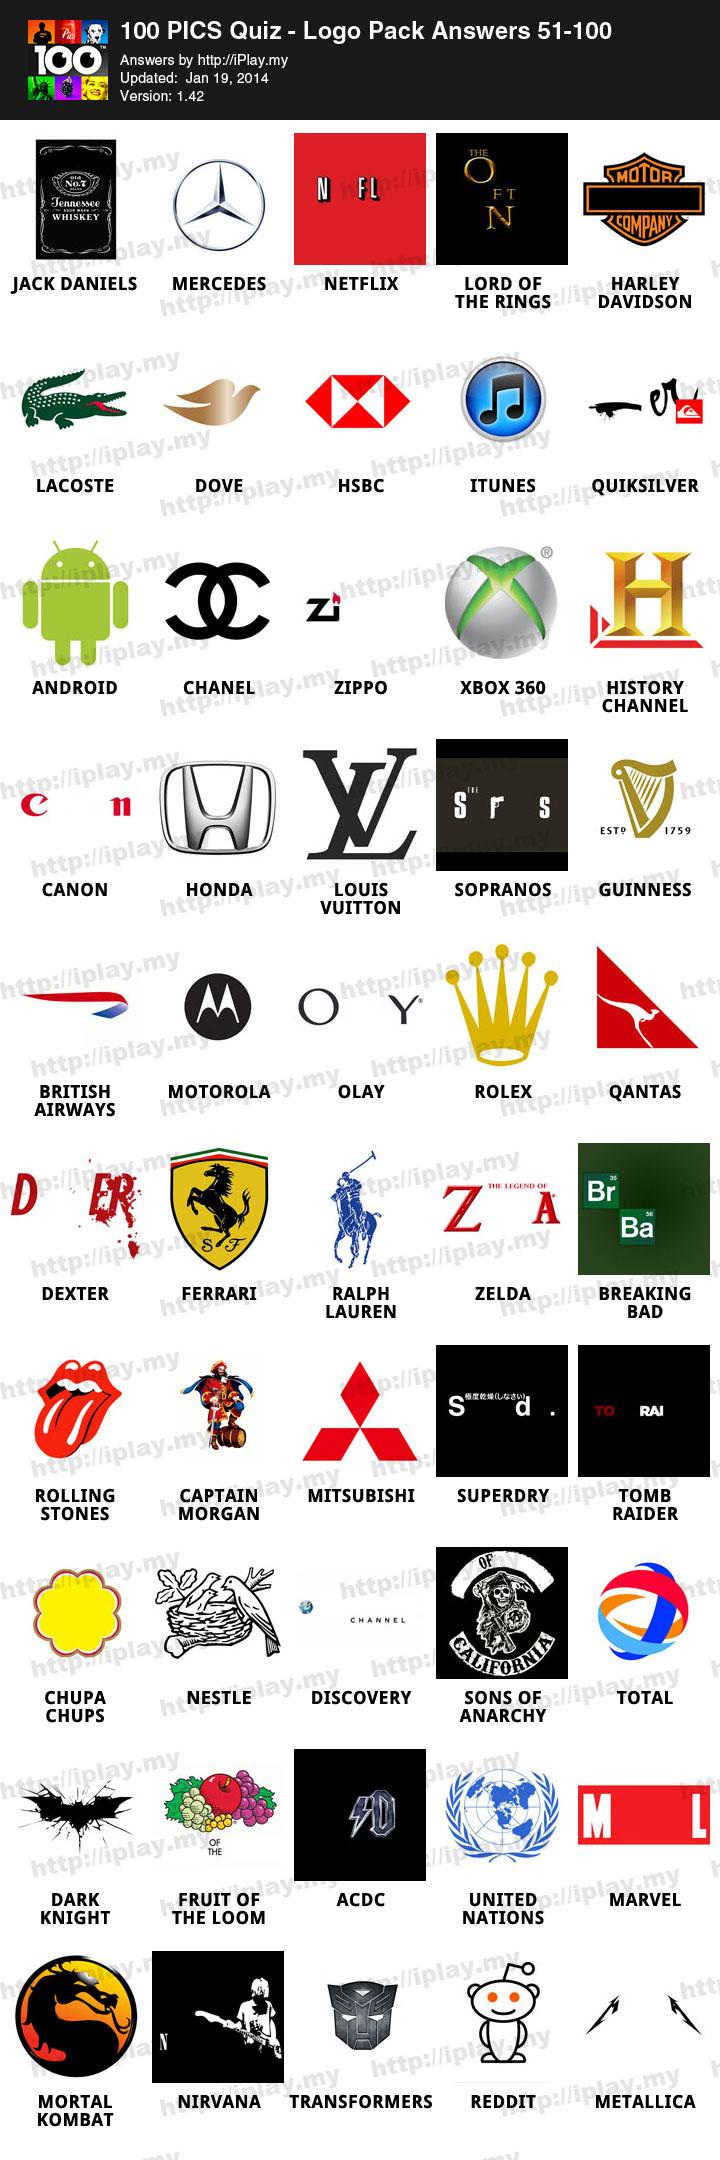 100 Pics Logo 91 : Answers, Logos